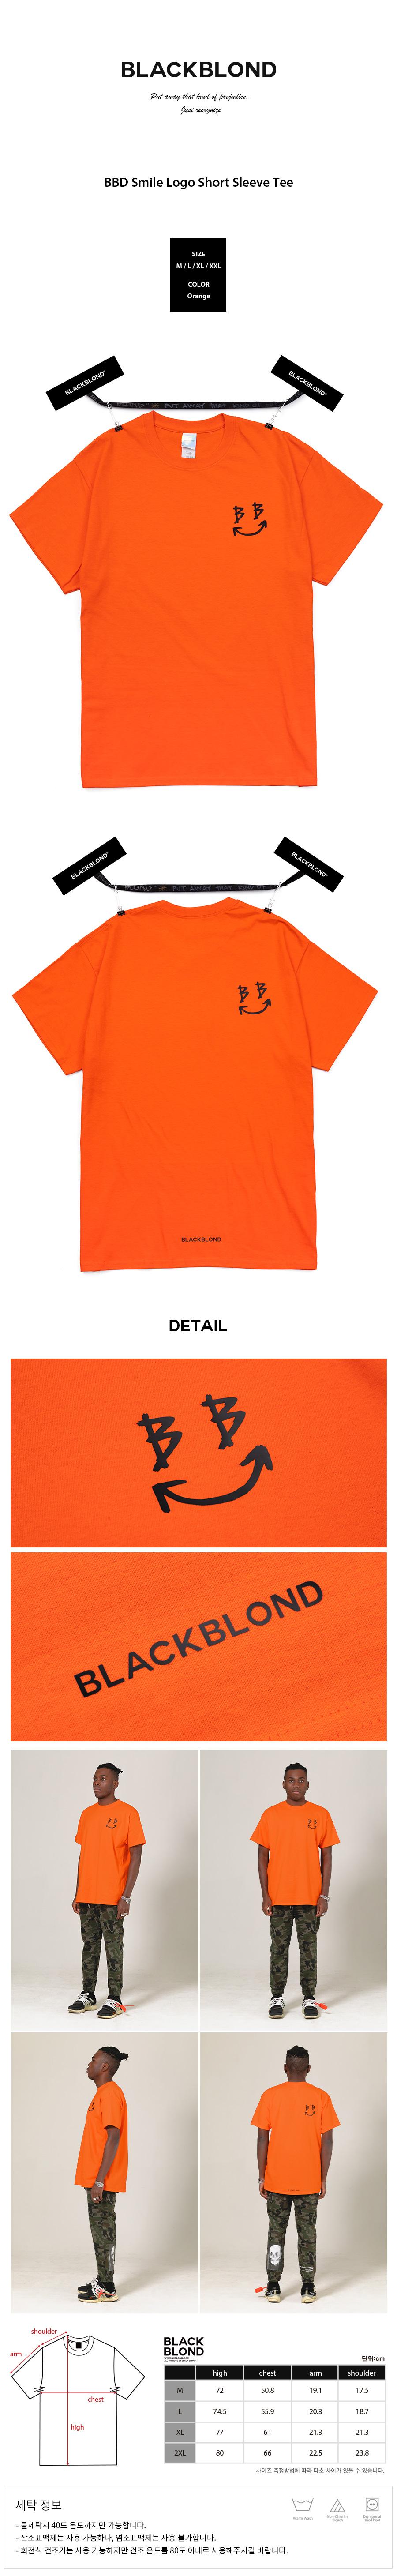 블랙블론드 BLACKBLOND - BBD Smile Logo Short Sleeve Tee (Orange)